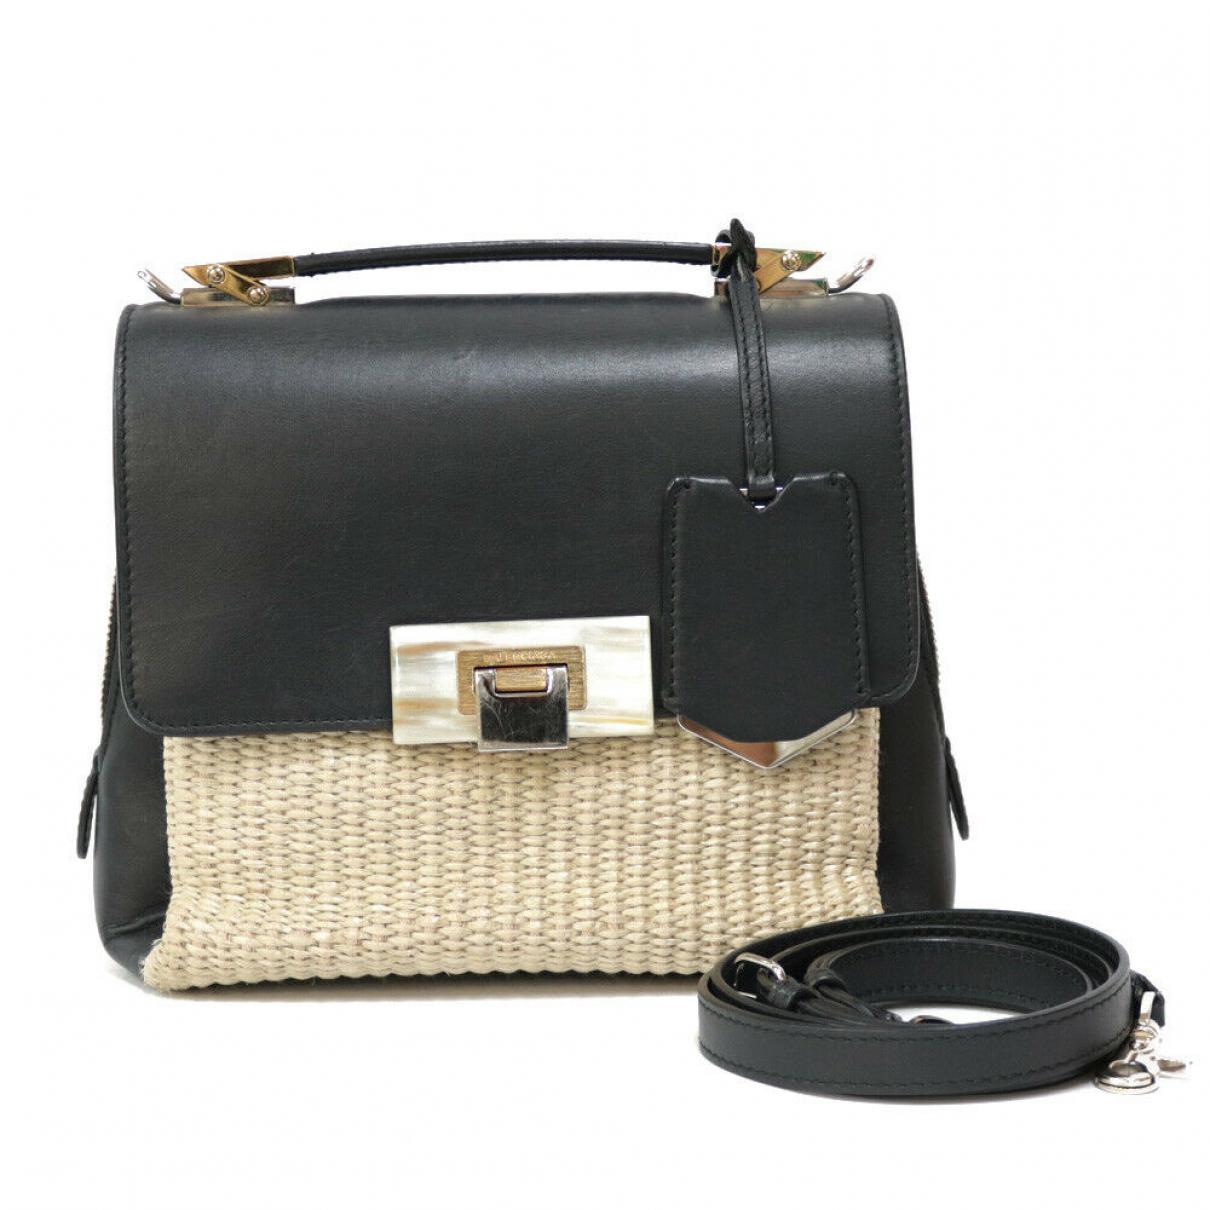 Balenciaga N Leather handbag for Women N